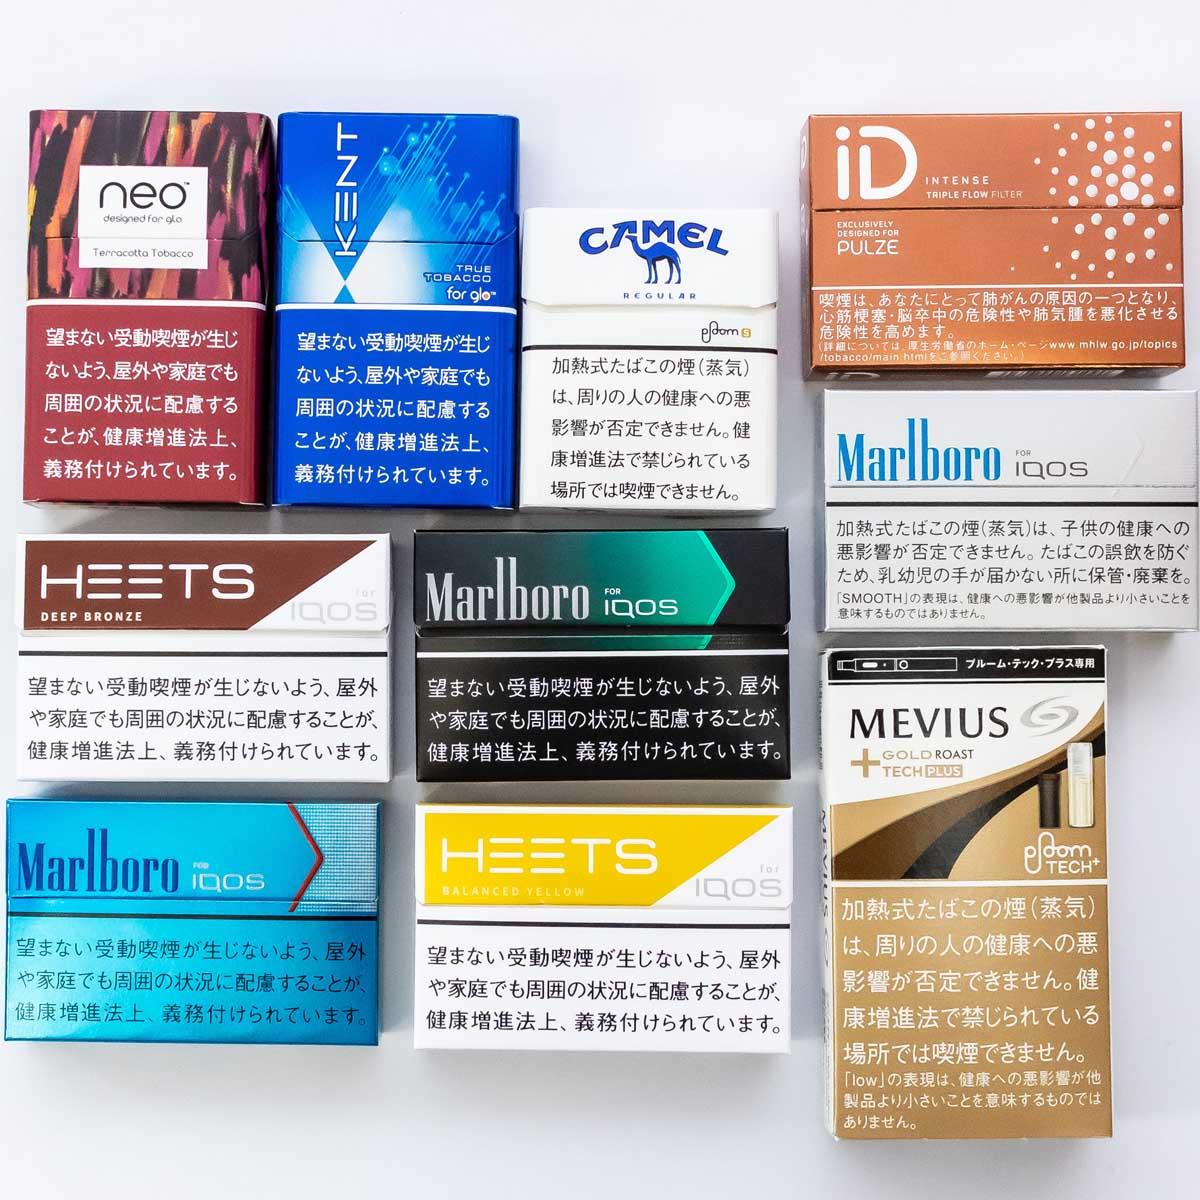 加熱式タバコ×専用スティックの吸い応え・満足度が高い組み合わせTOP10